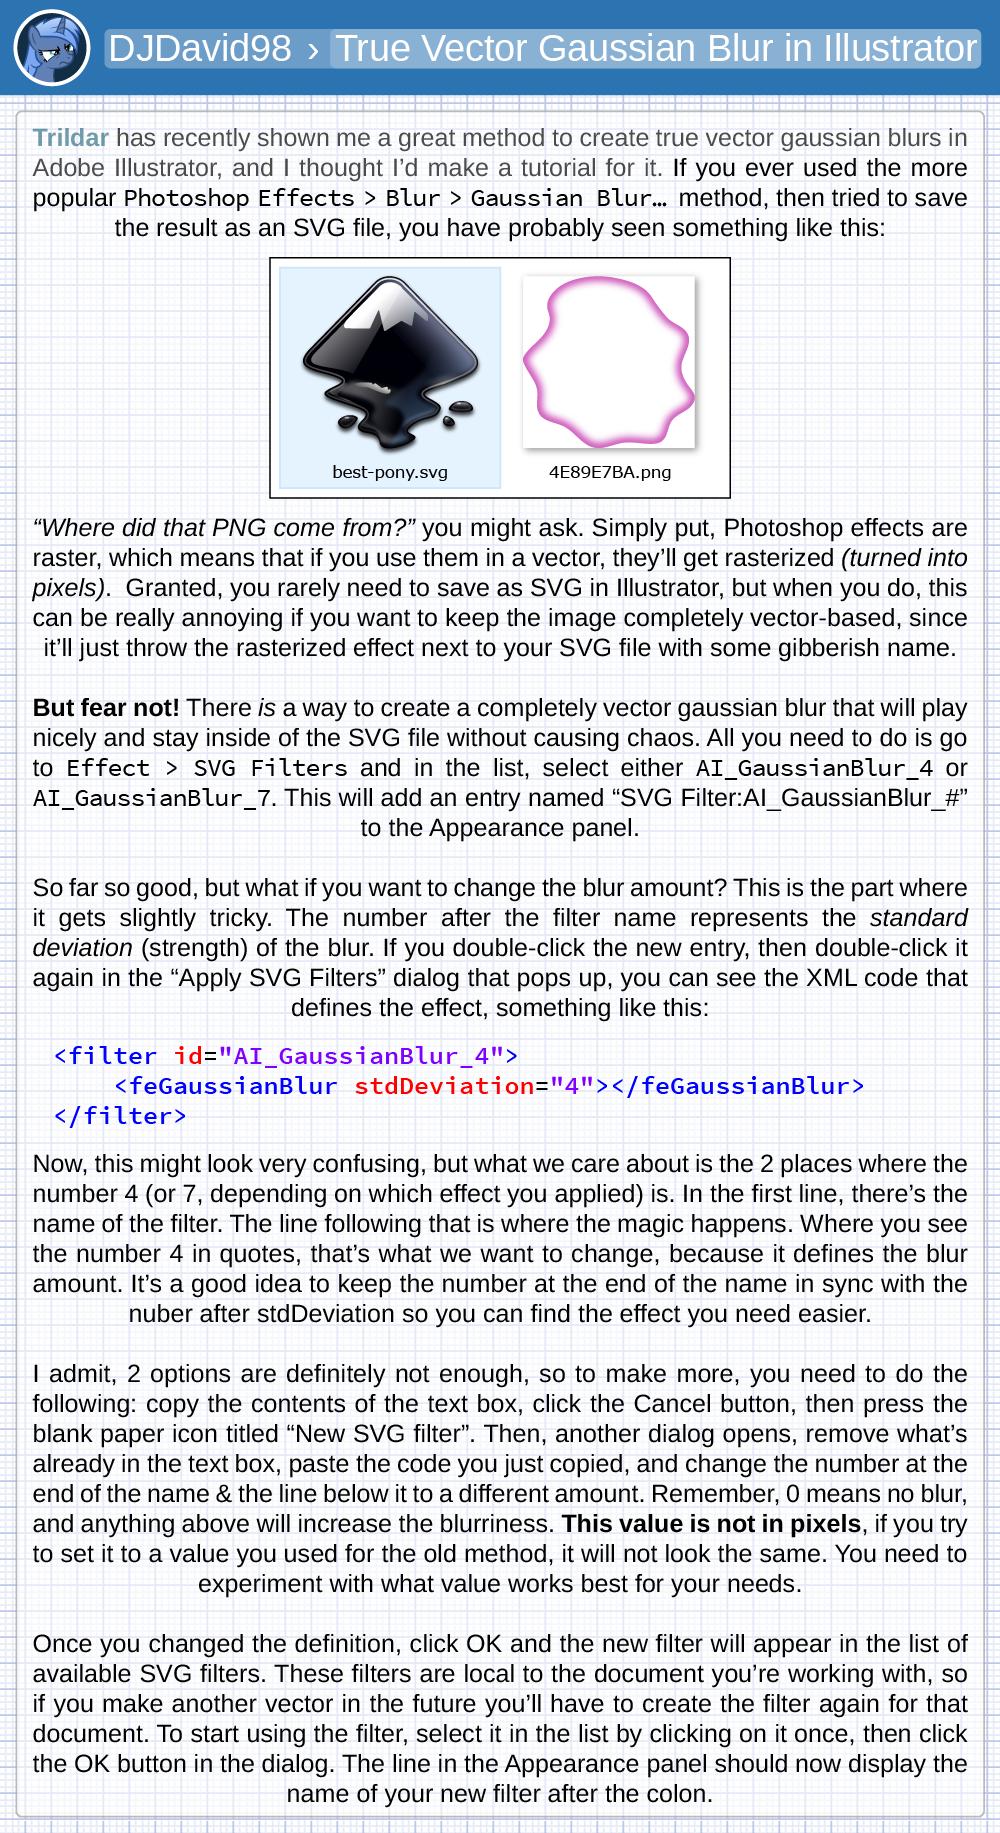 Tutorial: True Vector Gaussian Blur in Illustrator by DJDavid98 on